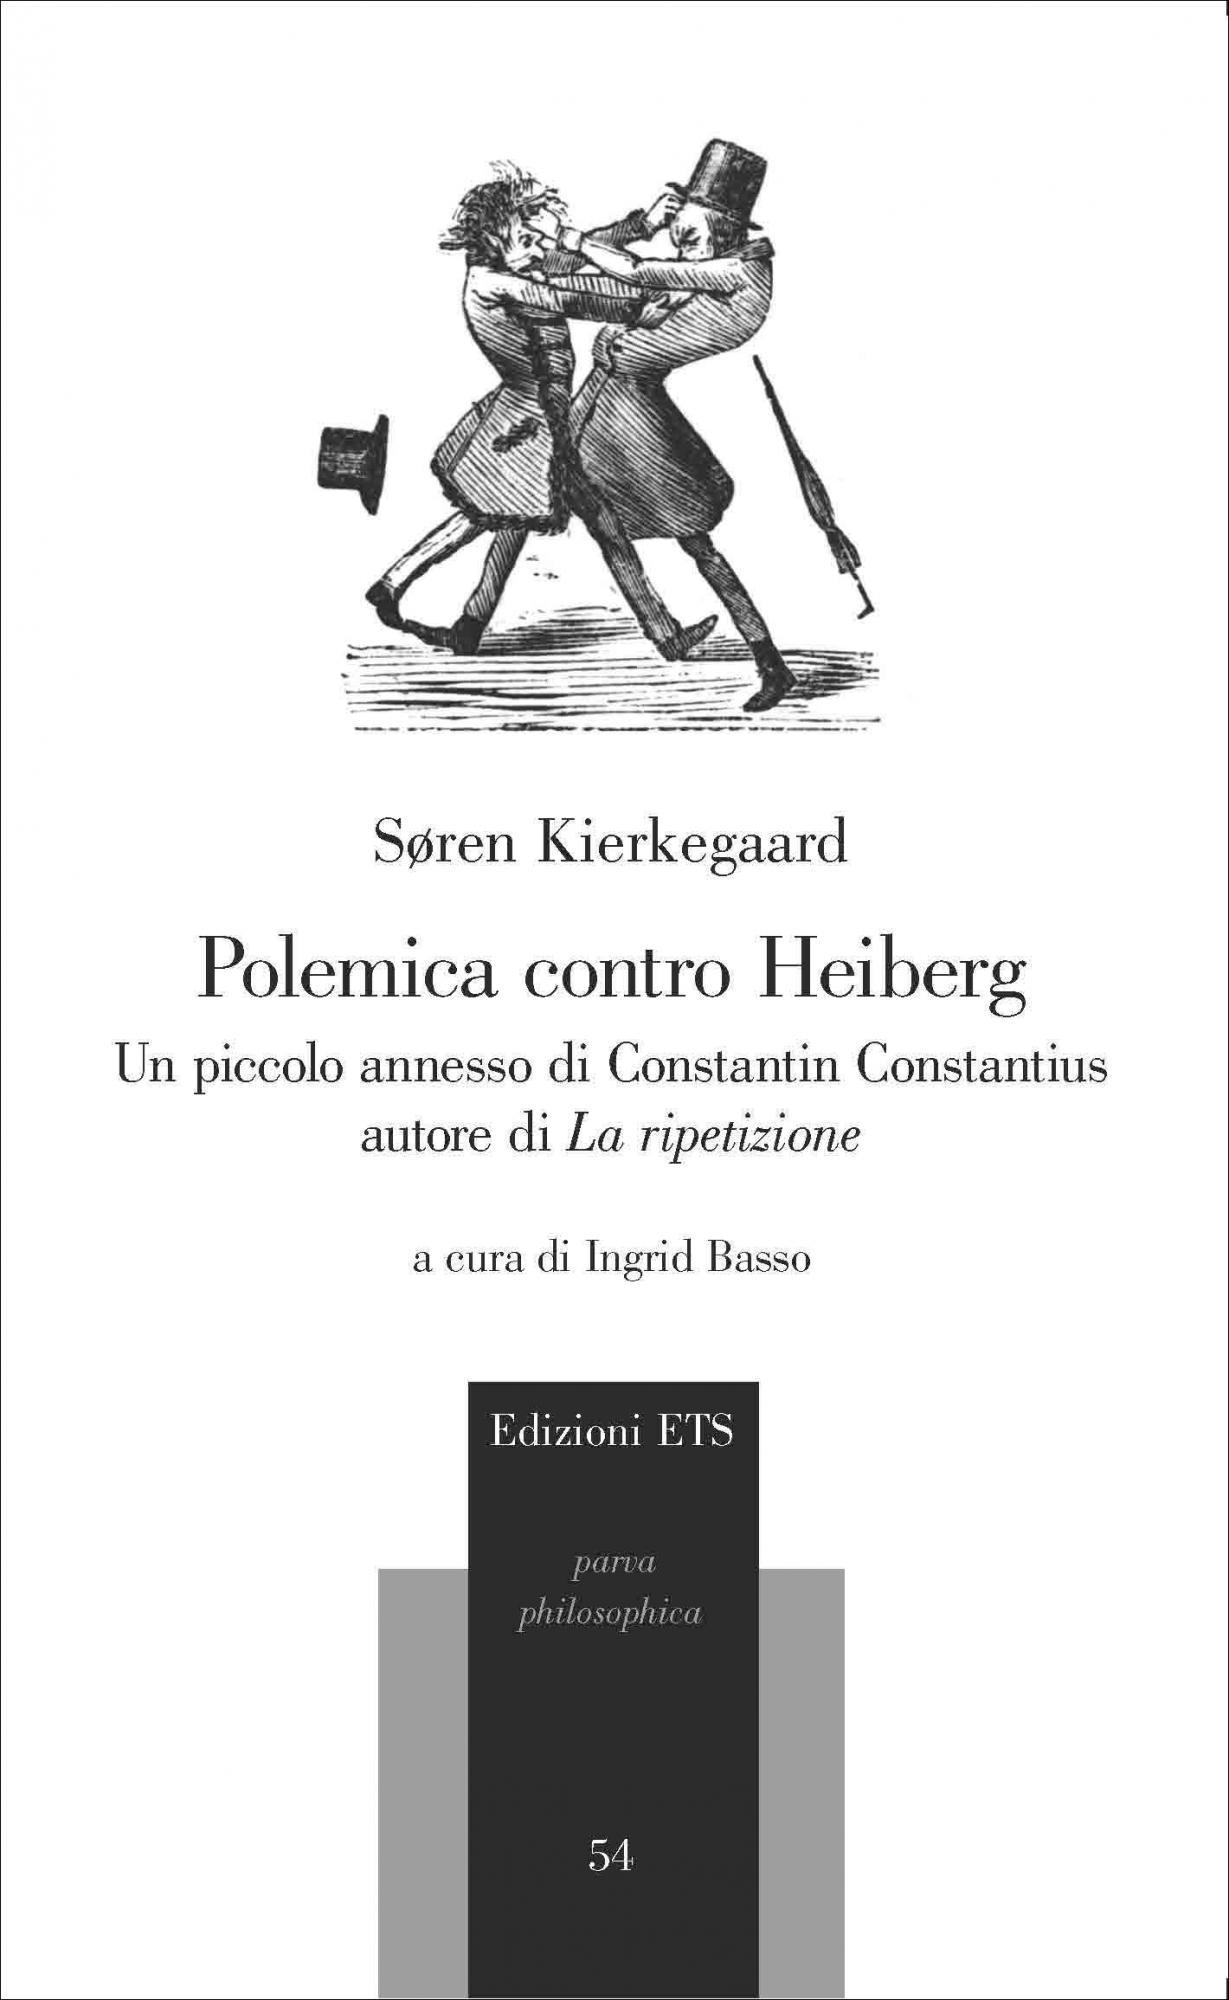 Polemica contro Heiberg.Un piccolo annesso di Constantin Constantius autore di La ripetizione